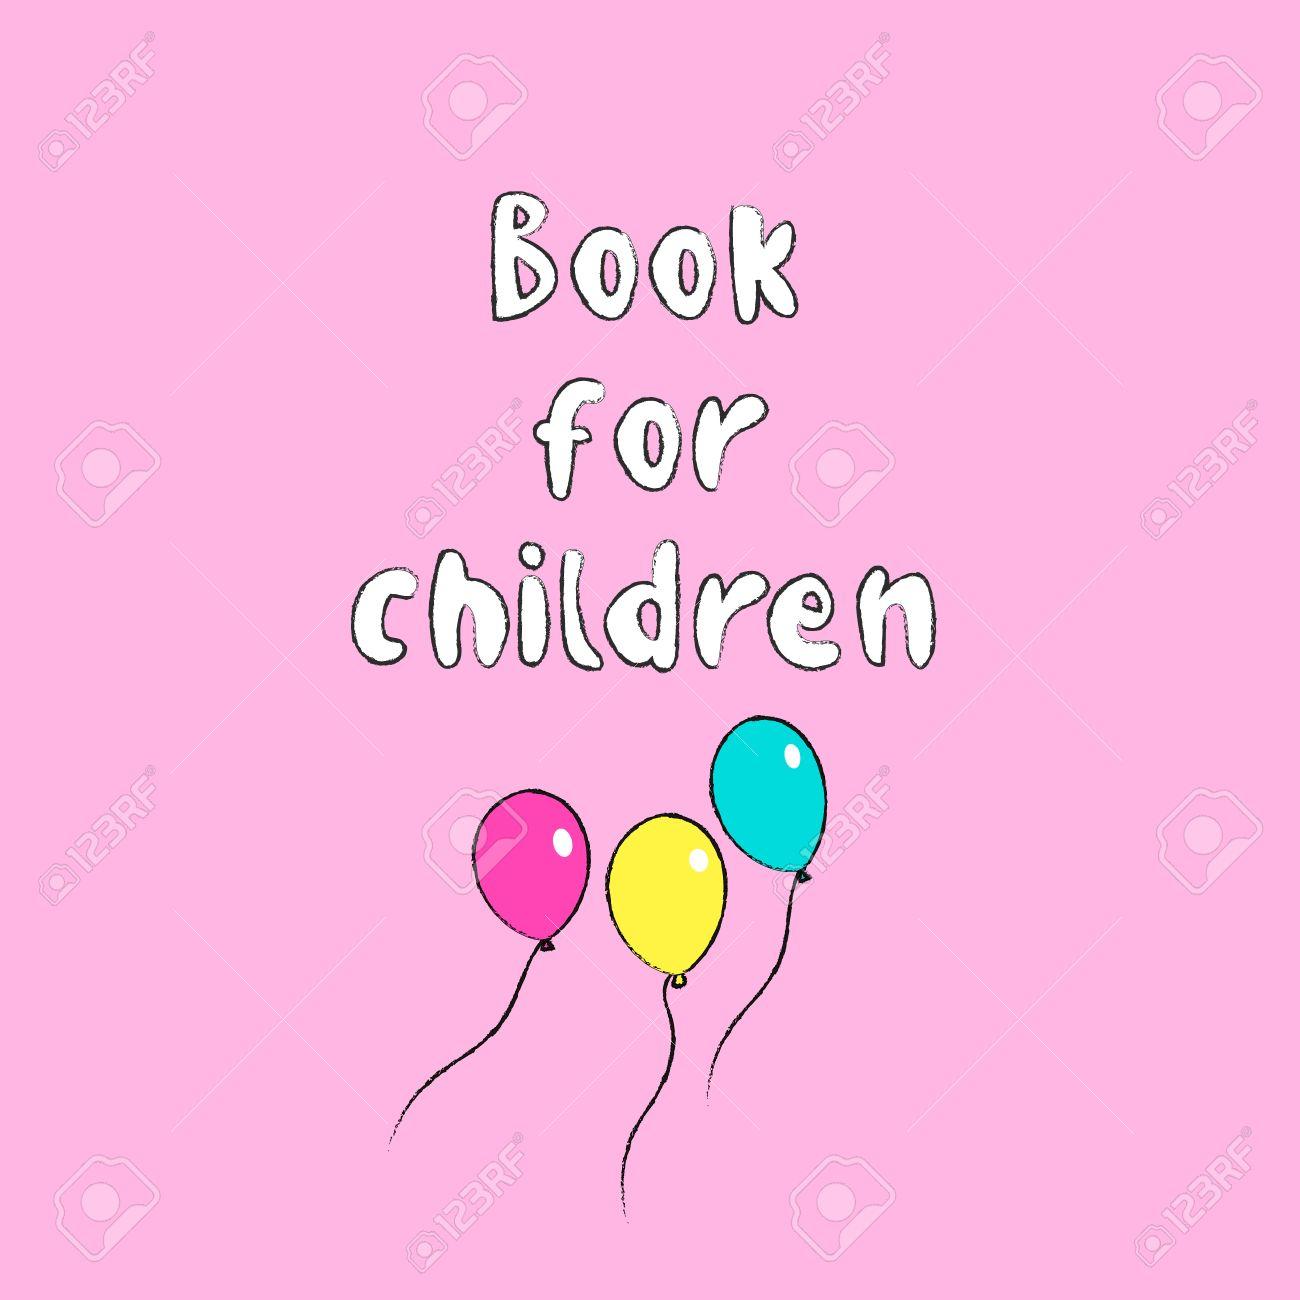 Dessin Anime Illustration Livre De Couverture Pour Les Enfants Lettrage Avec Trois Ballons De Dessin A Main Isole Sur Vecteur De Fond Rose Eps 10